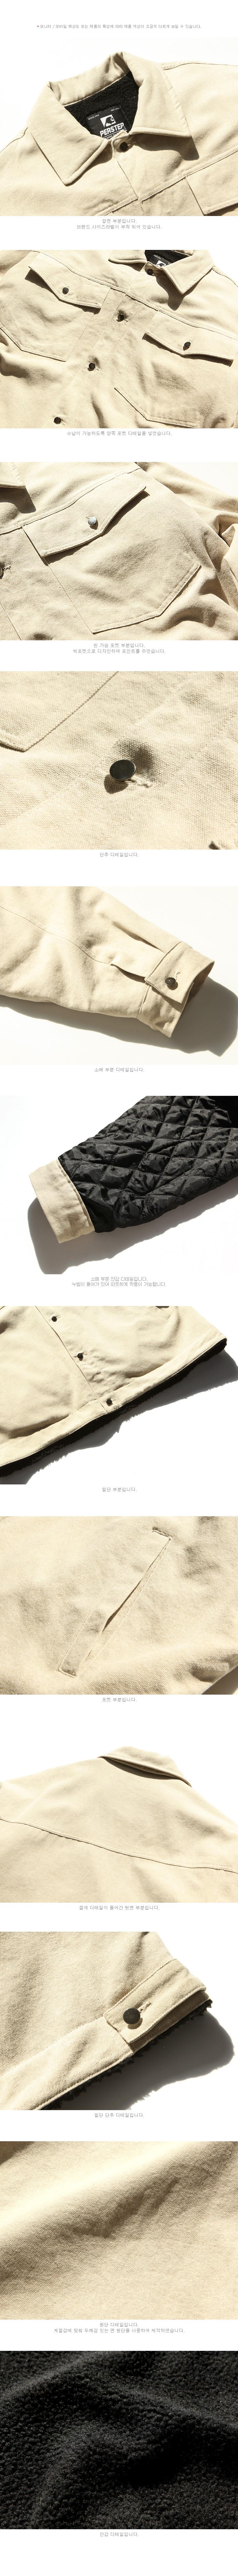 퍼스텝(PERSTEP) 더블워싱 오버핏 양털 자켓 빨강 SMOT4209